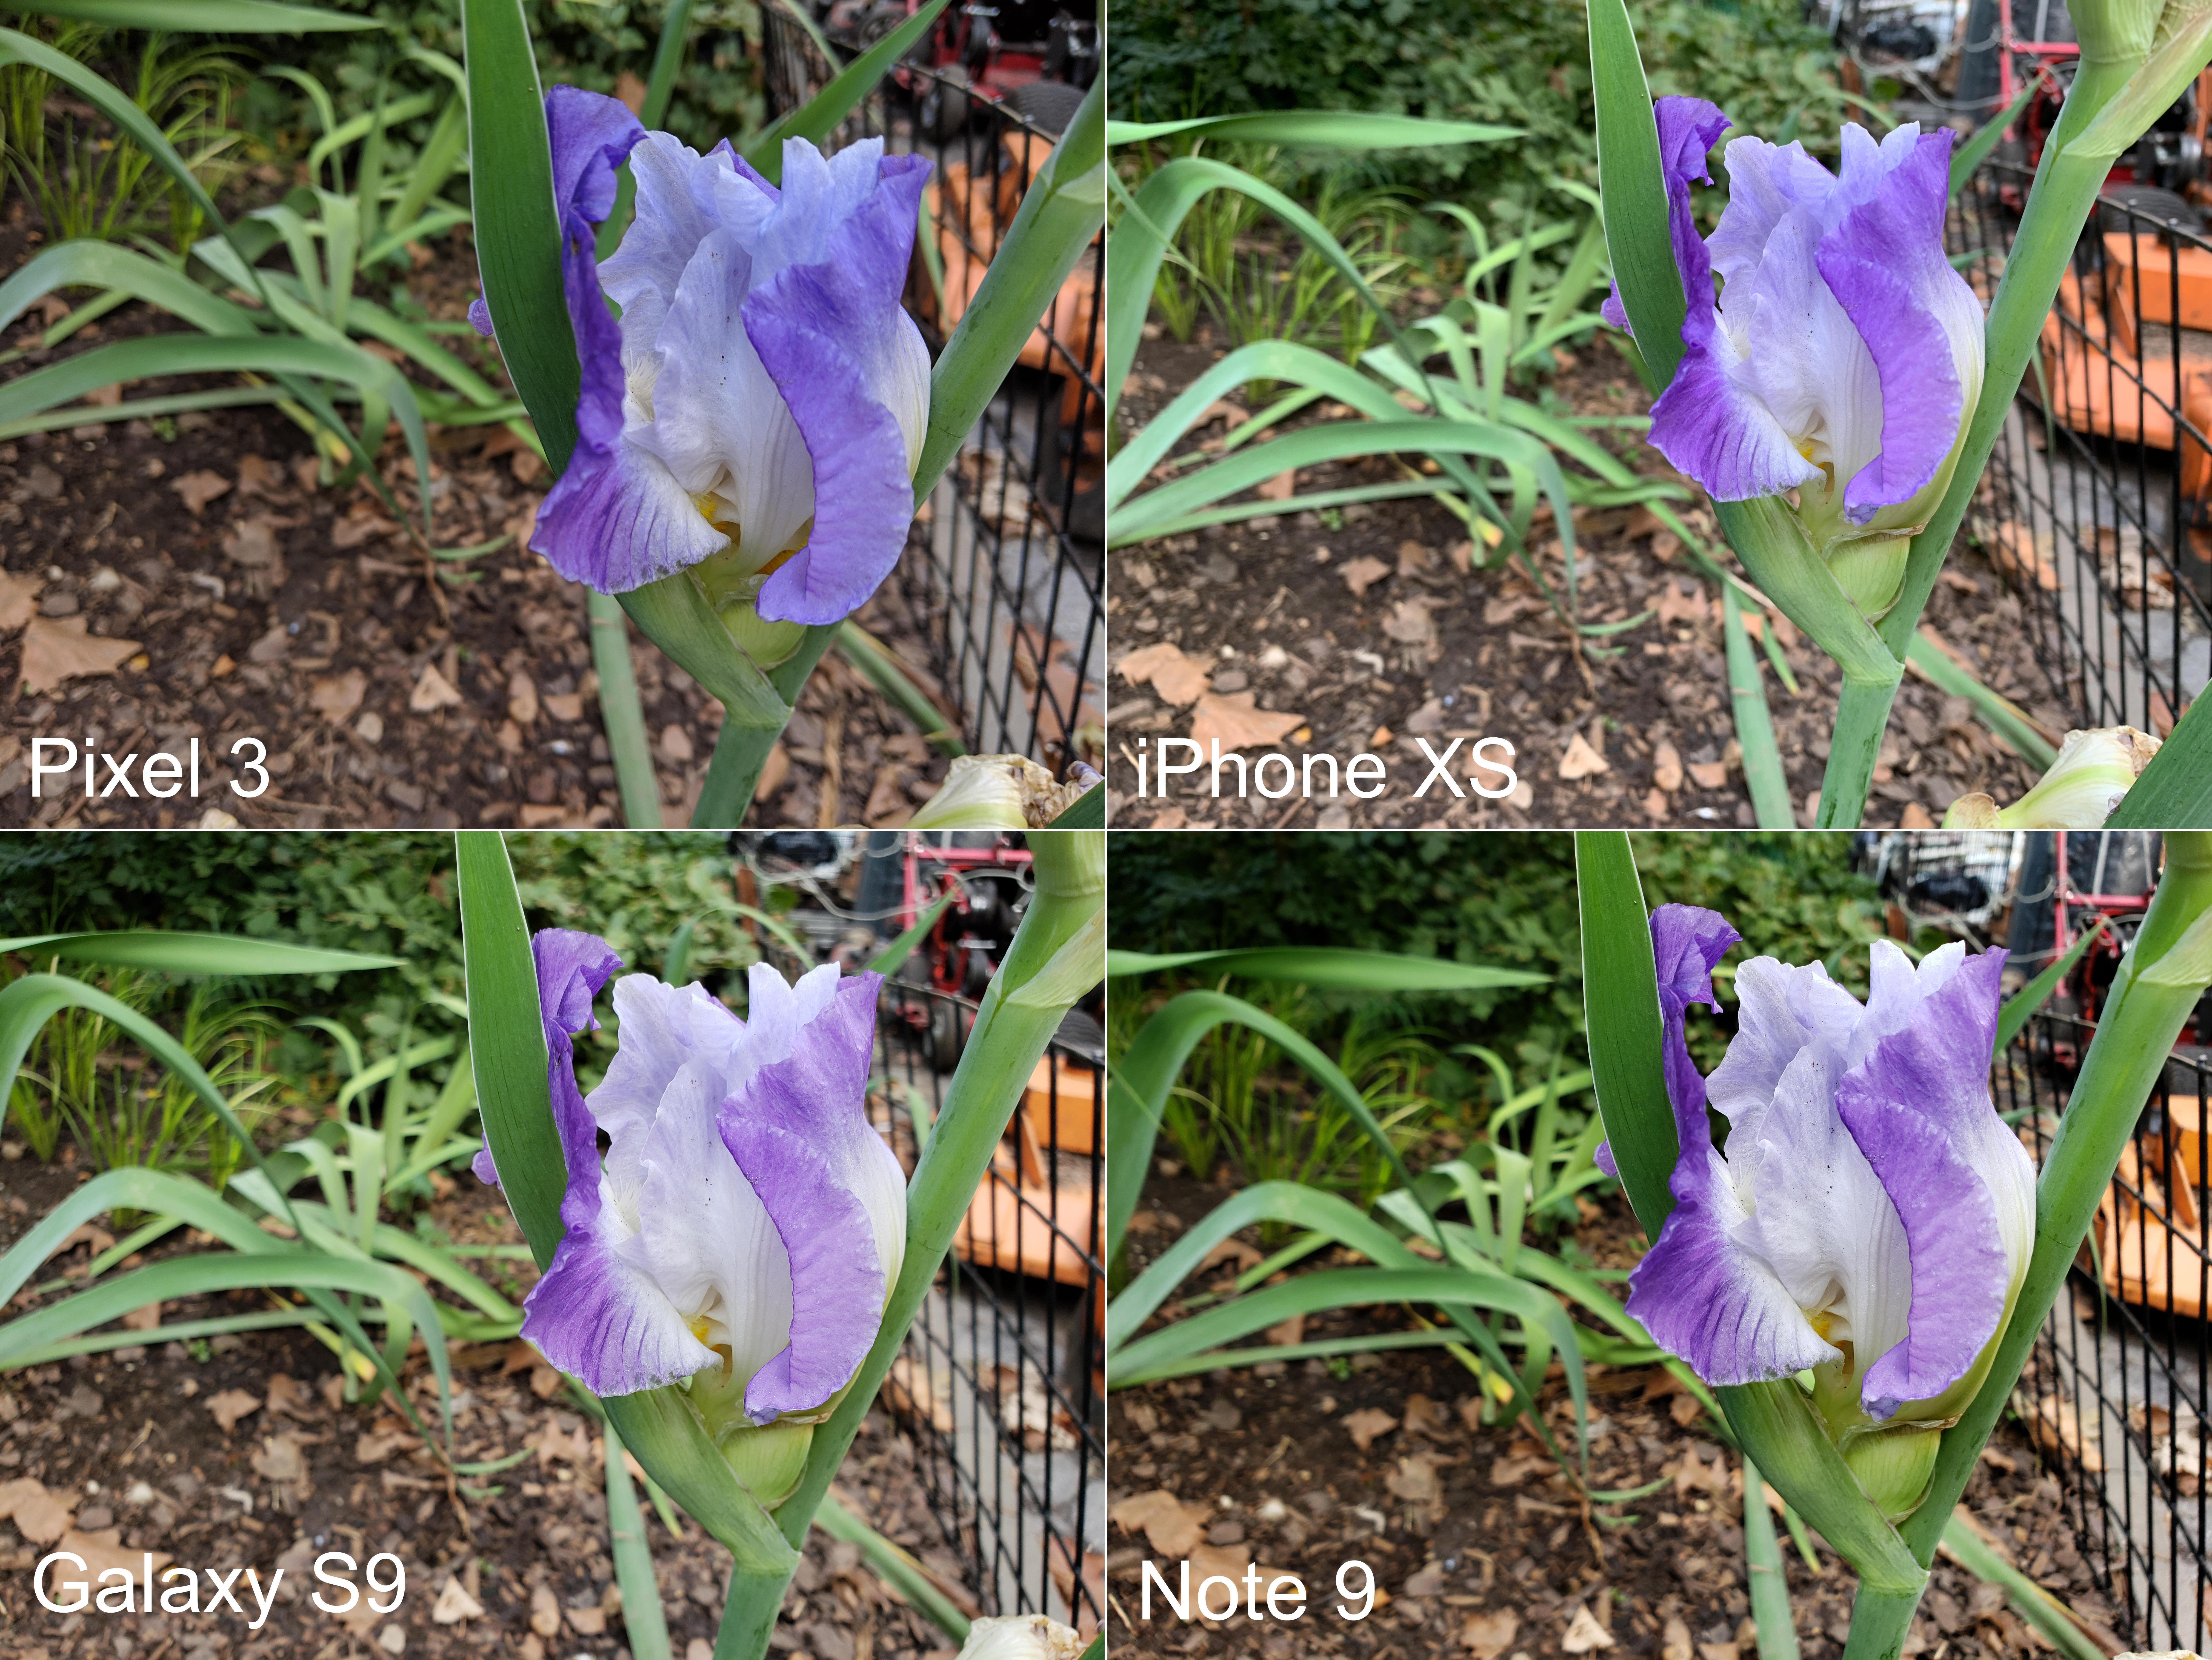 pixel-3-comparison-all-4-phones-flower